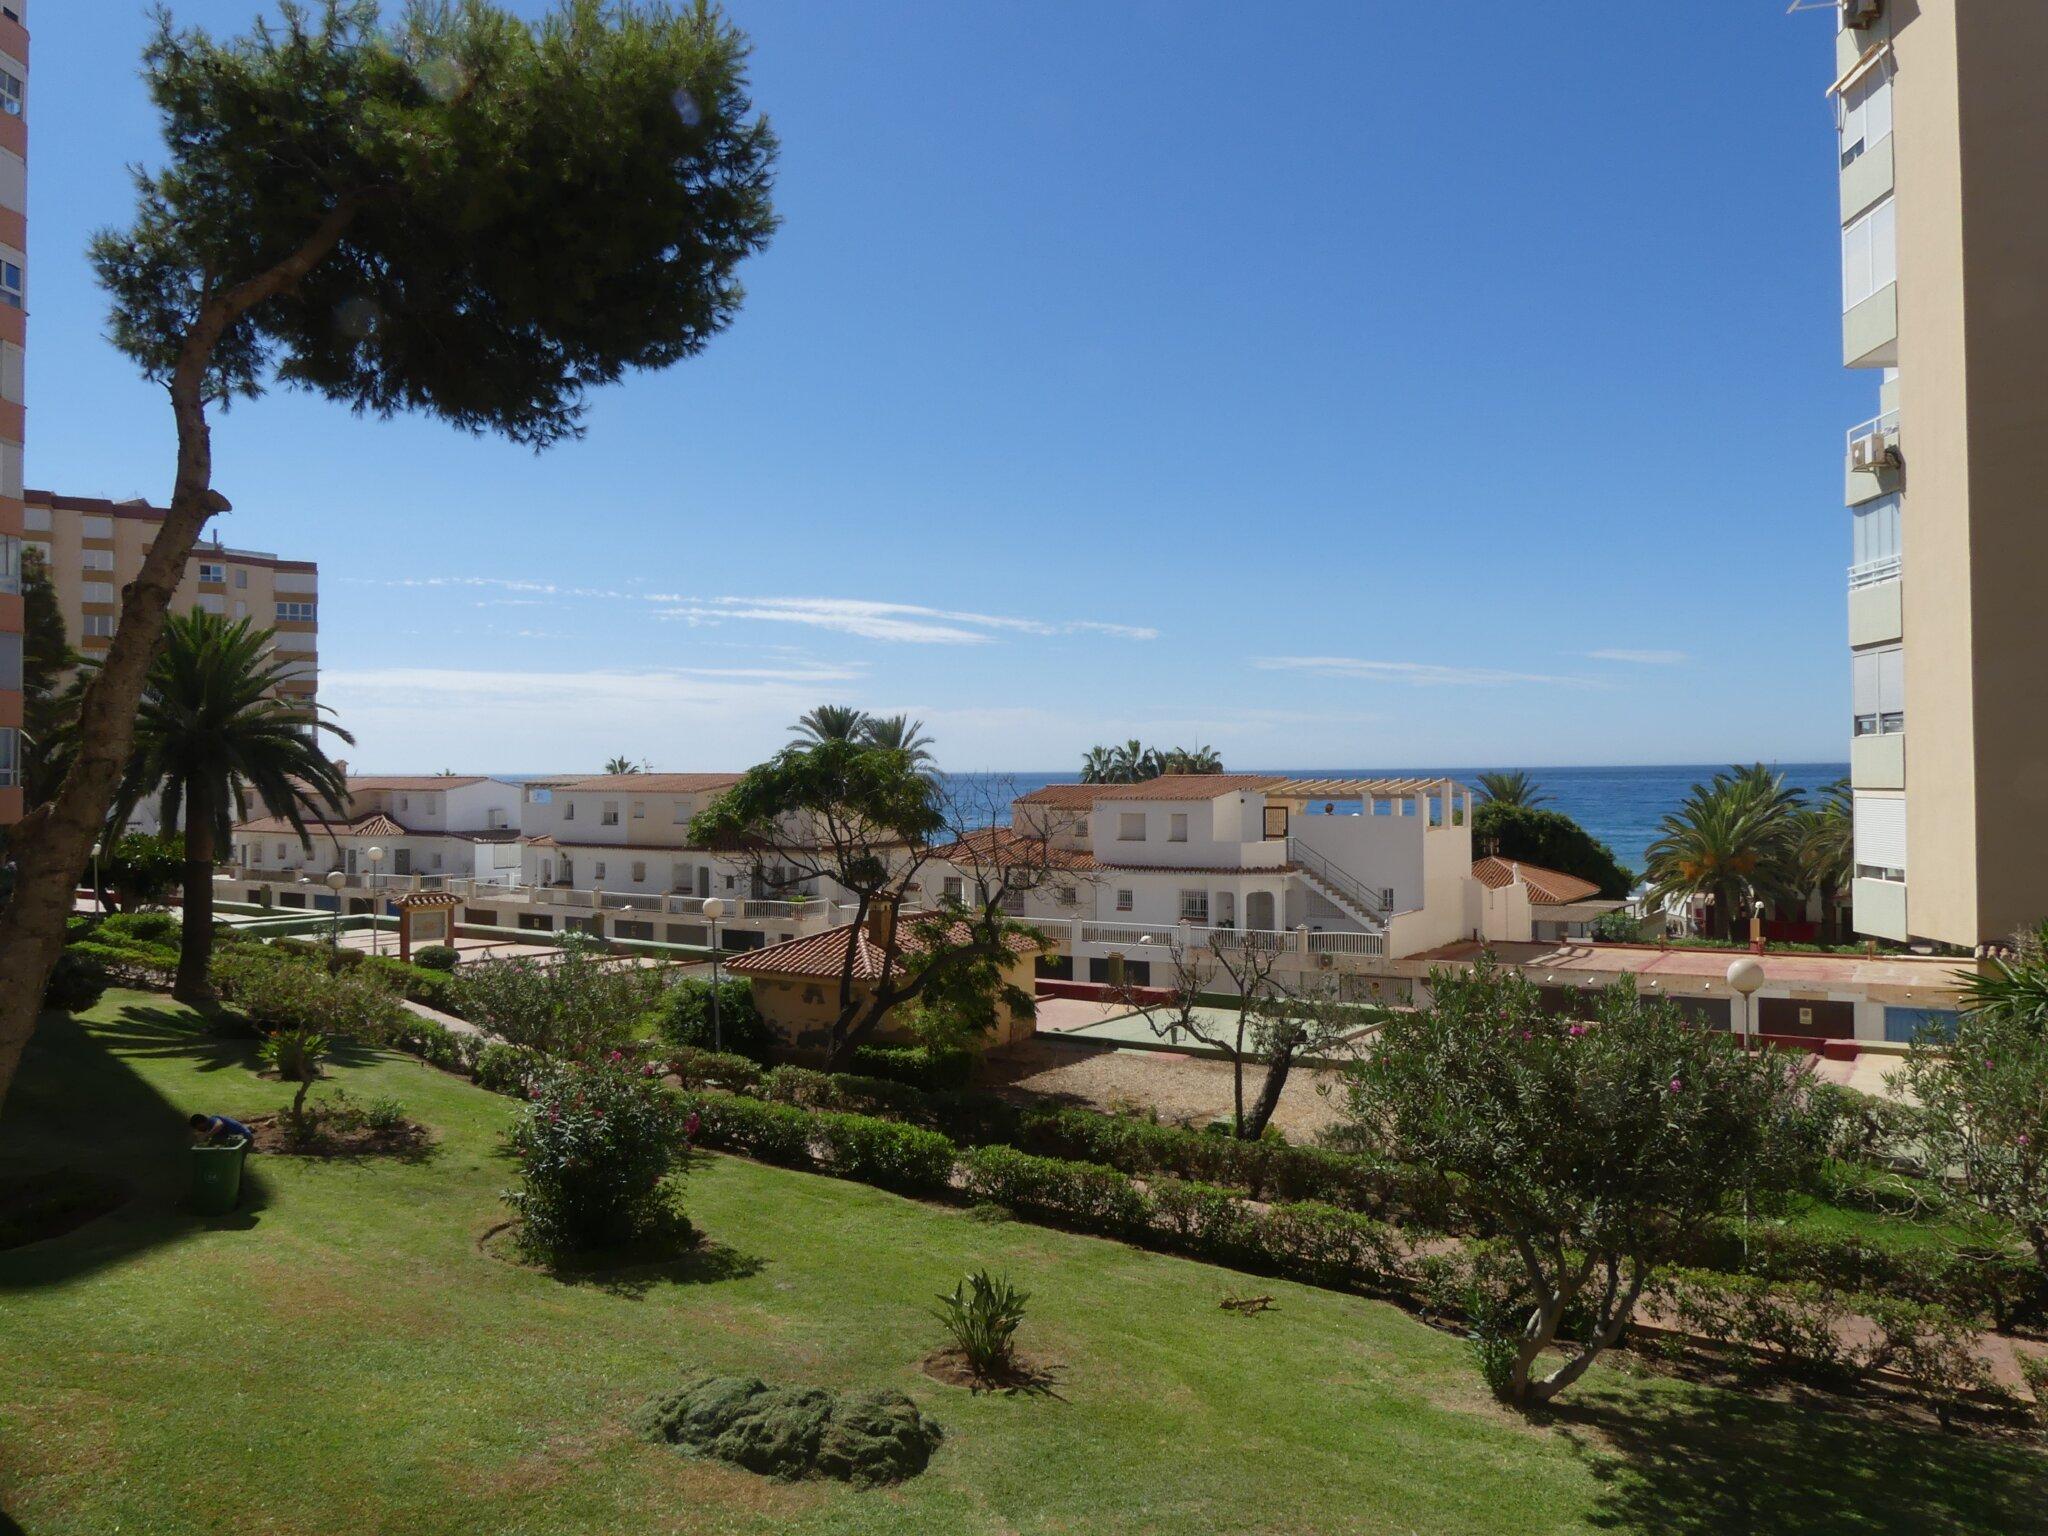 Ausblick vom Balkon (Garten u. Meer)